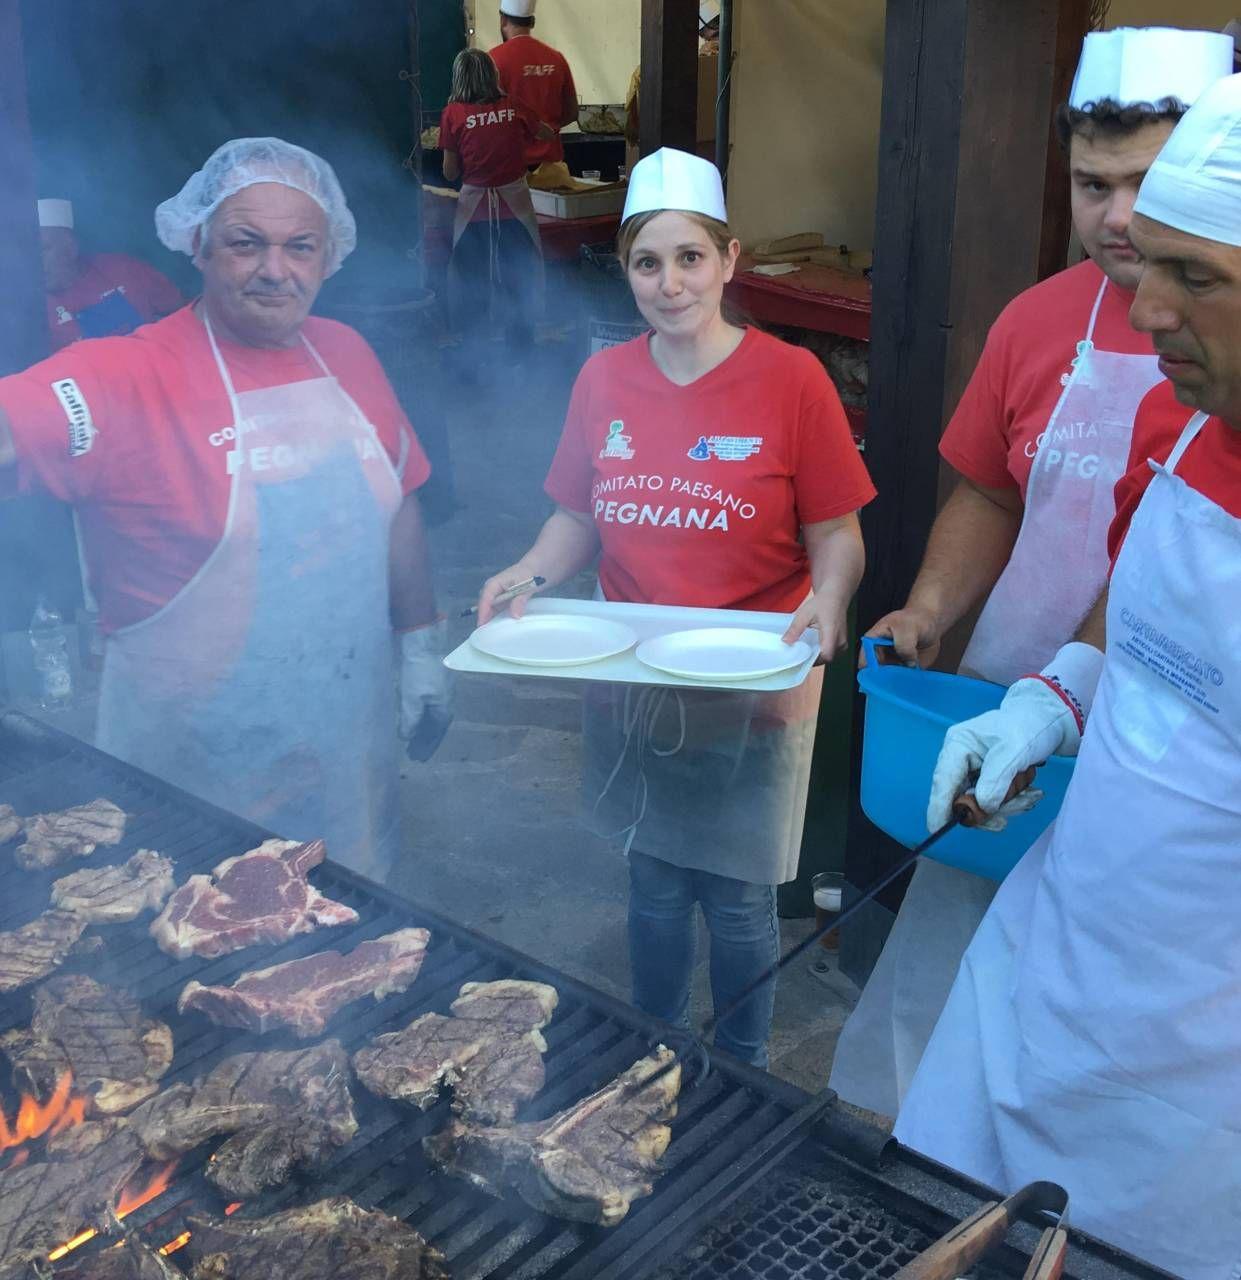 Bistecche e patatine all'aperto, i gestori dei locali dicono «no» (foto repertorio)